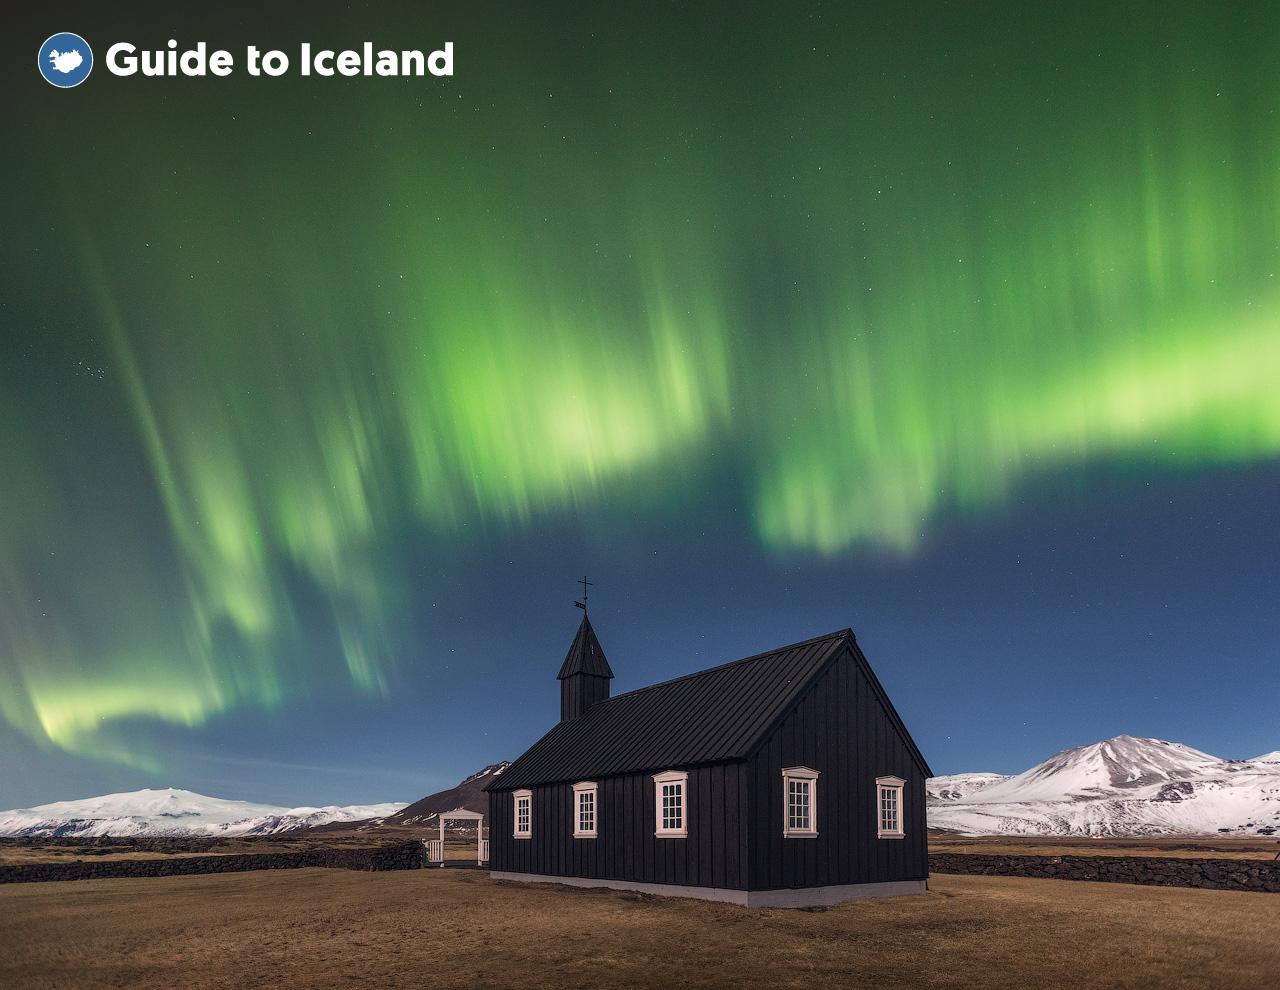 冰岛11天10夜冬季环岛自助自驾游|一号环岛公路+斯奈山半岛冬日风光